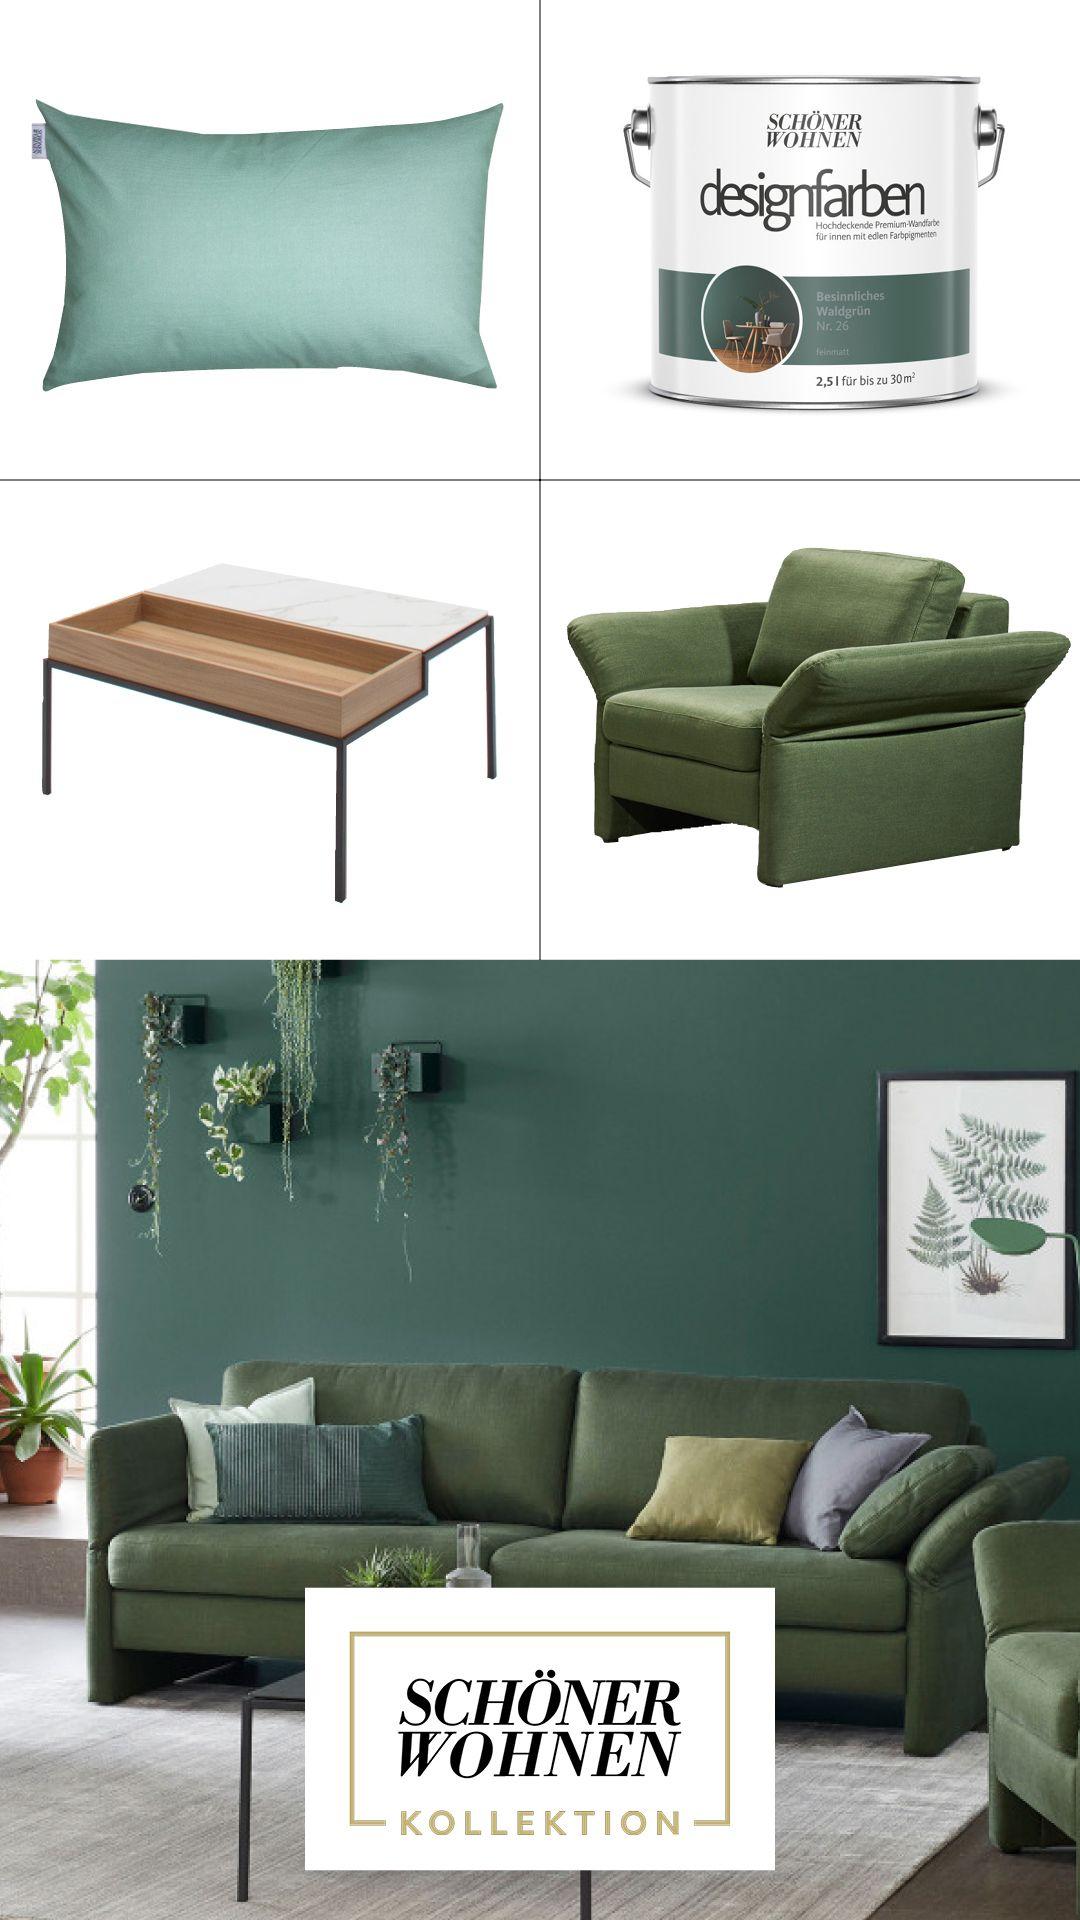 Schoner Wohnen Kollektion Trendfarbe Grun Fur Das Ganze Zuhause Schoner Wohnen Wandfarbe Schoner Wohnen Schoner Wohnen Farbe